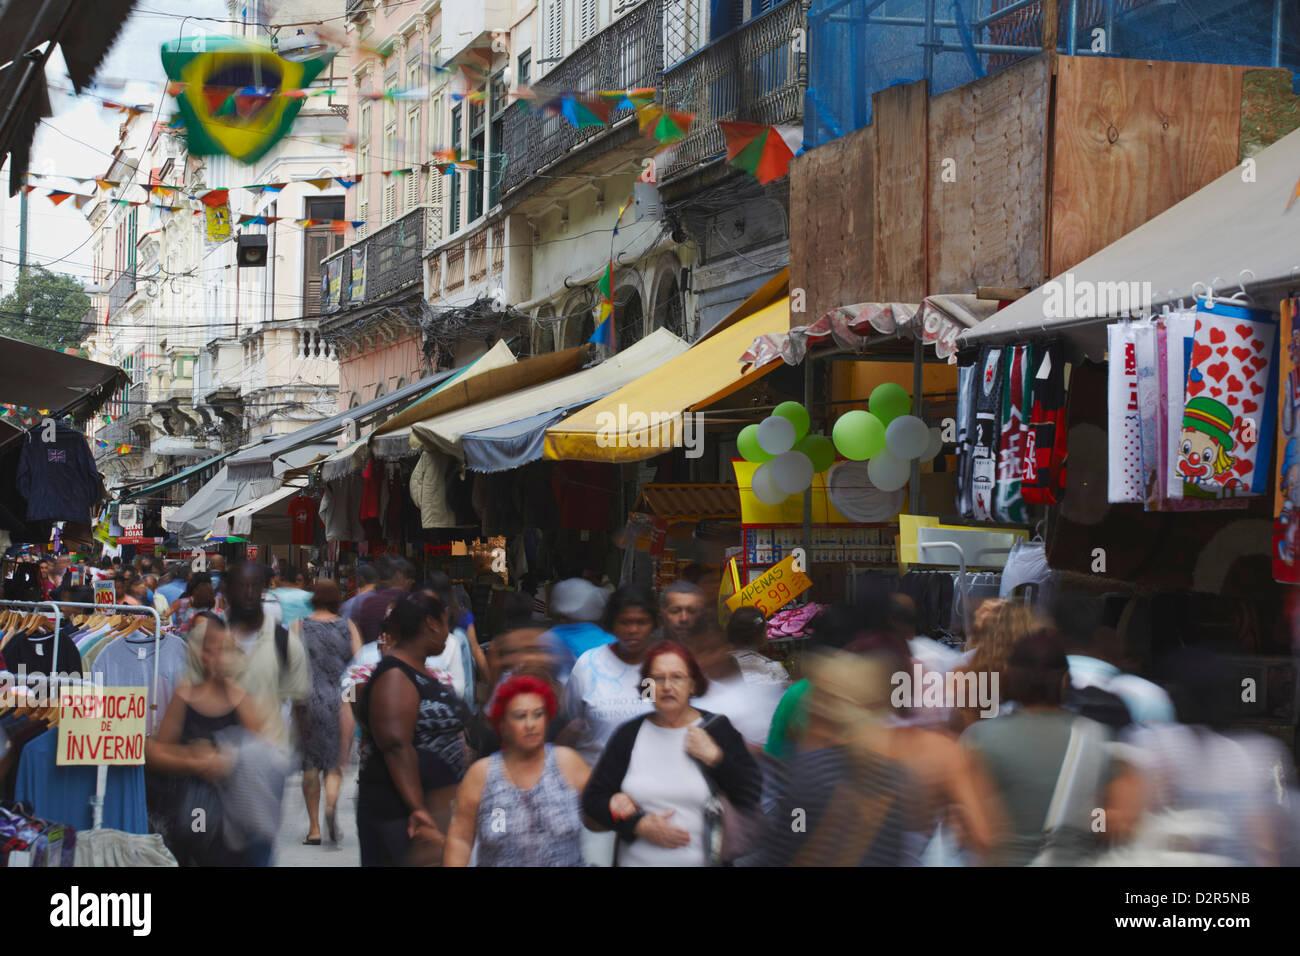 Menschen zu Fuß entlang der Fußgängerzone von Saara Bezirk, Centro, Rio De Janeiro, Brasilien, Südamerika Stockbild